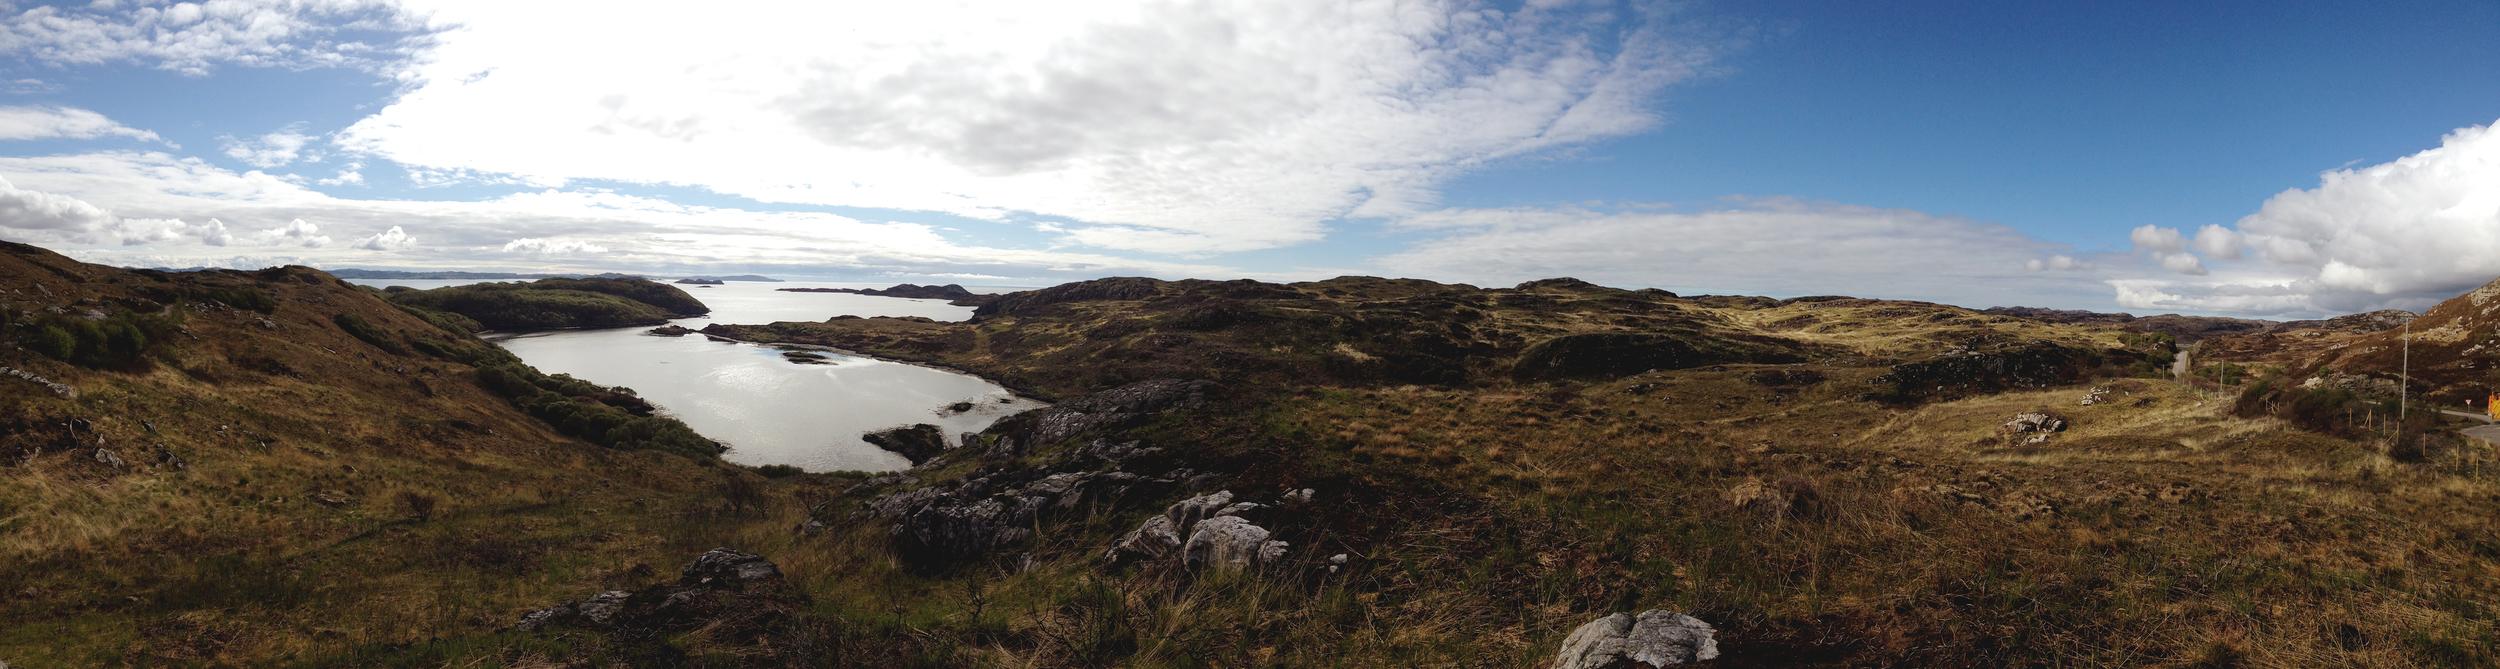 Scotland-2b.jpg